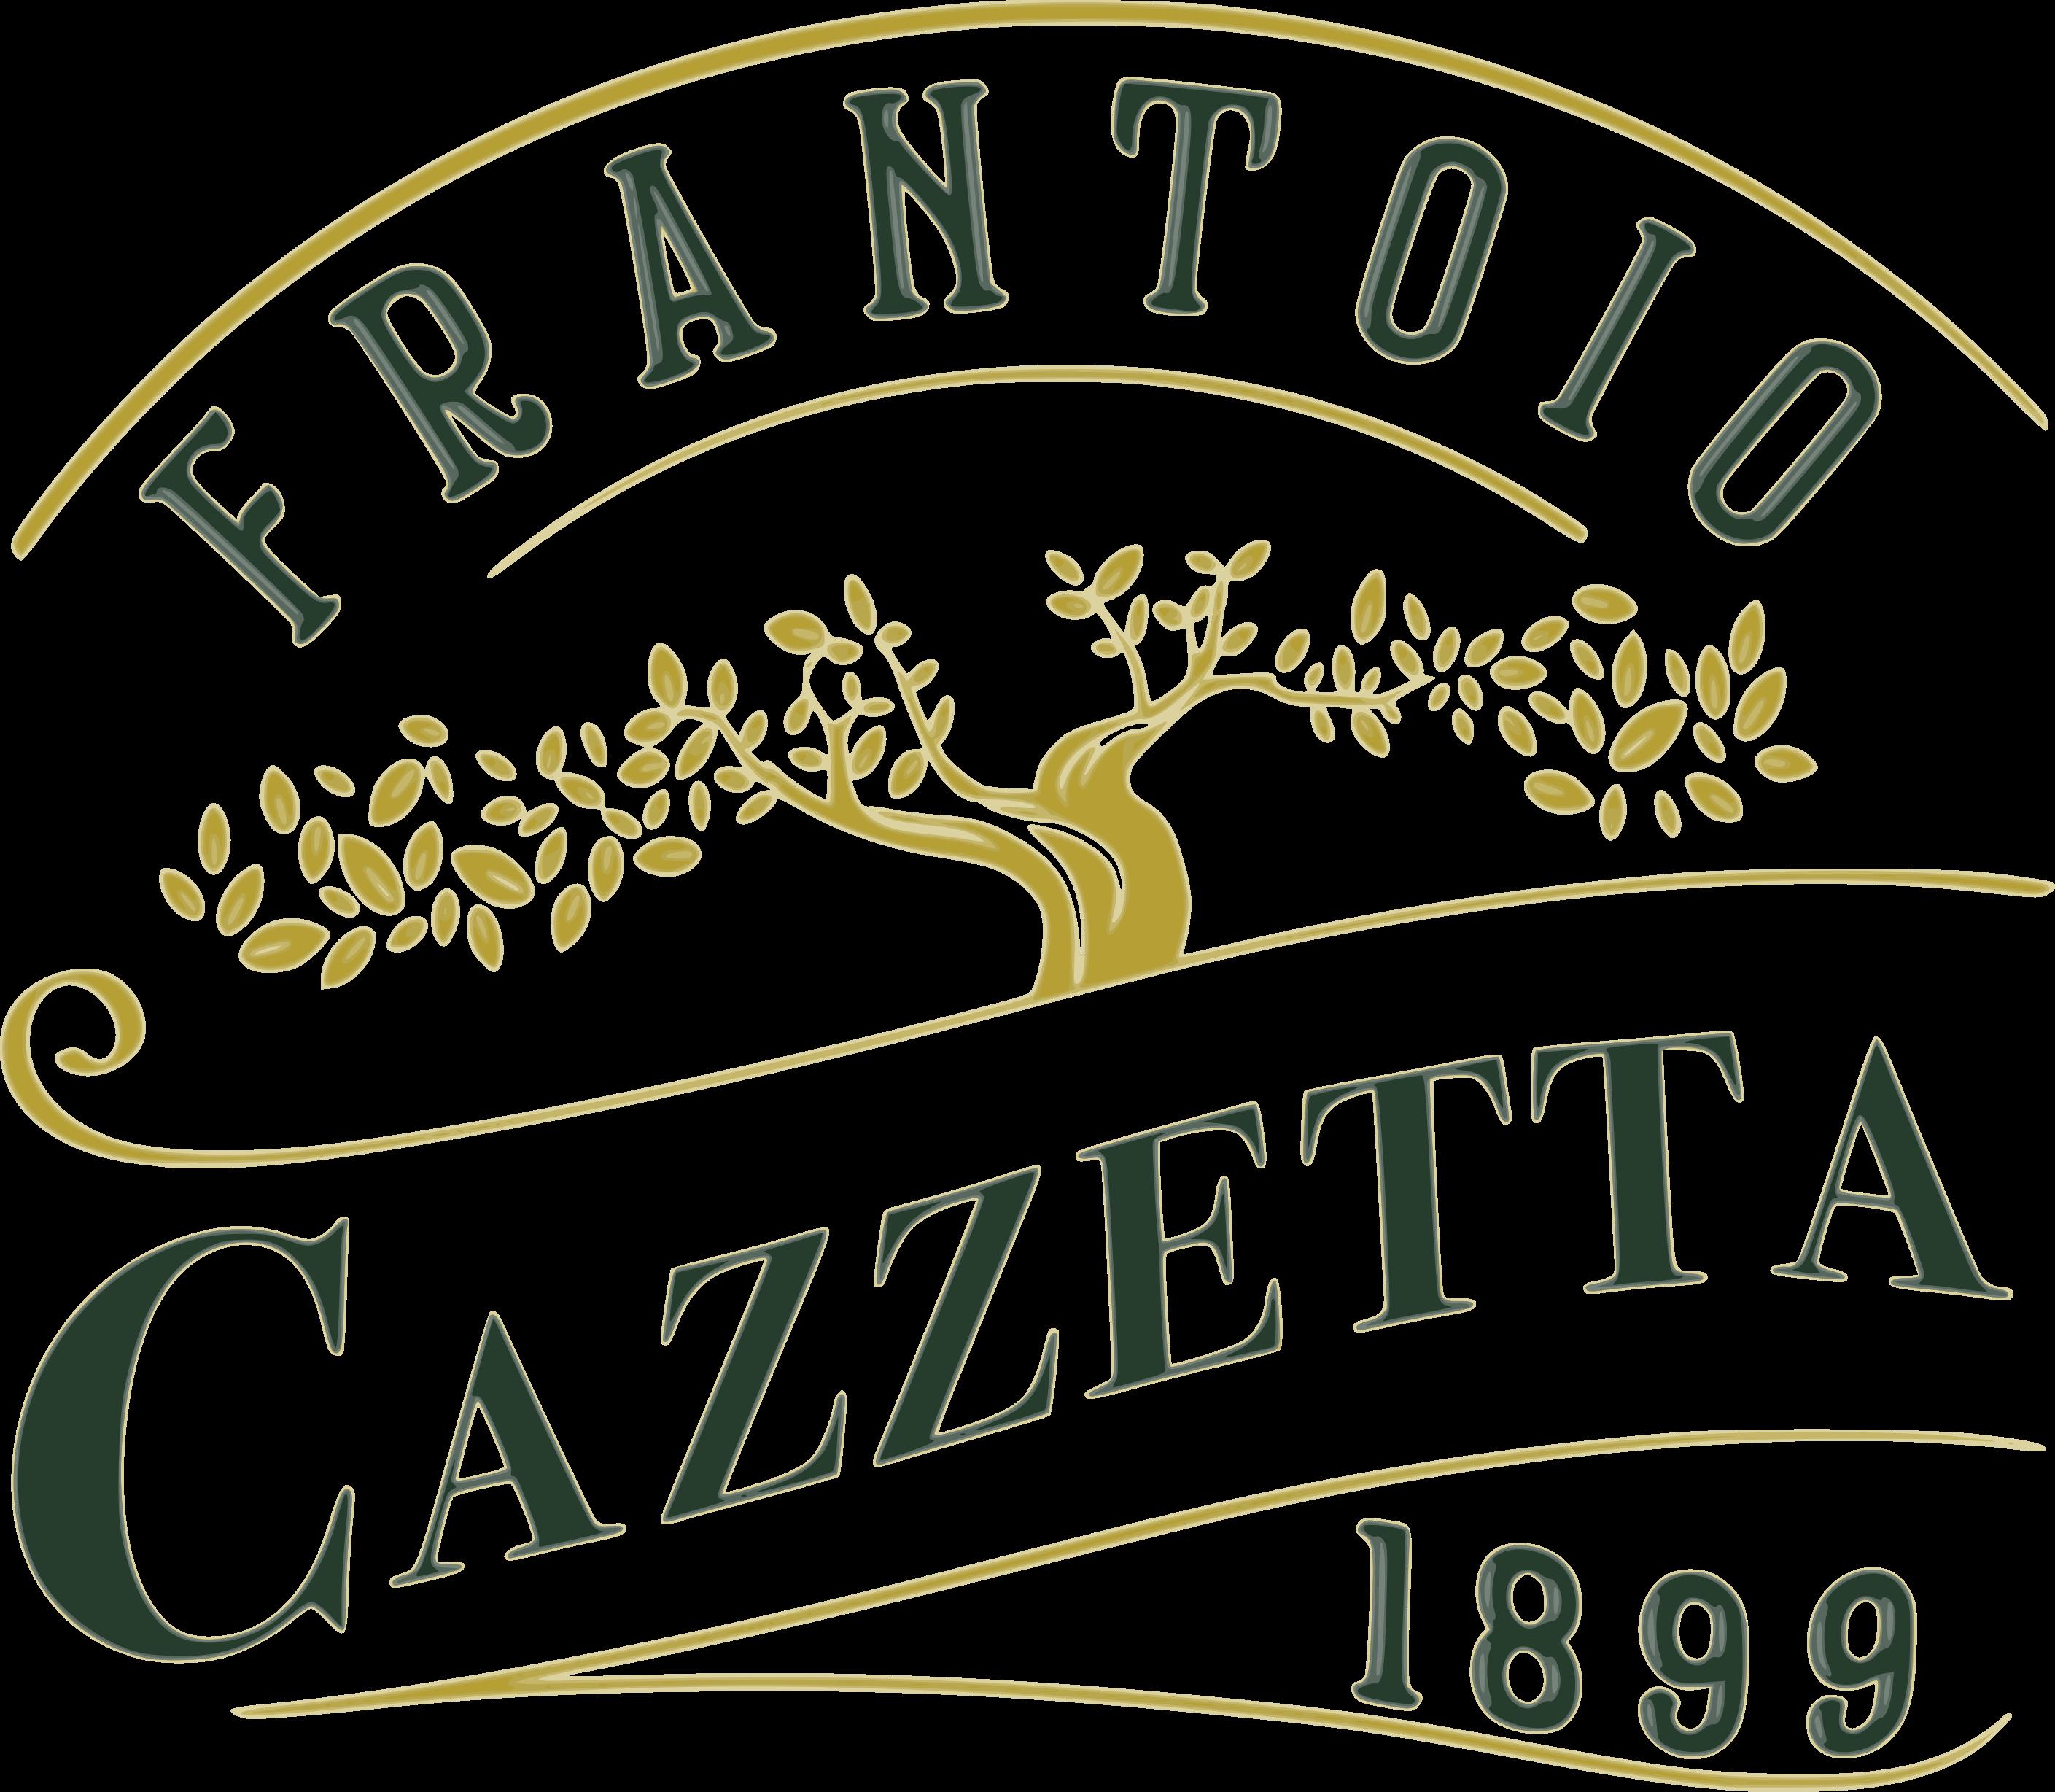 frantoio cazzetta logo 1899